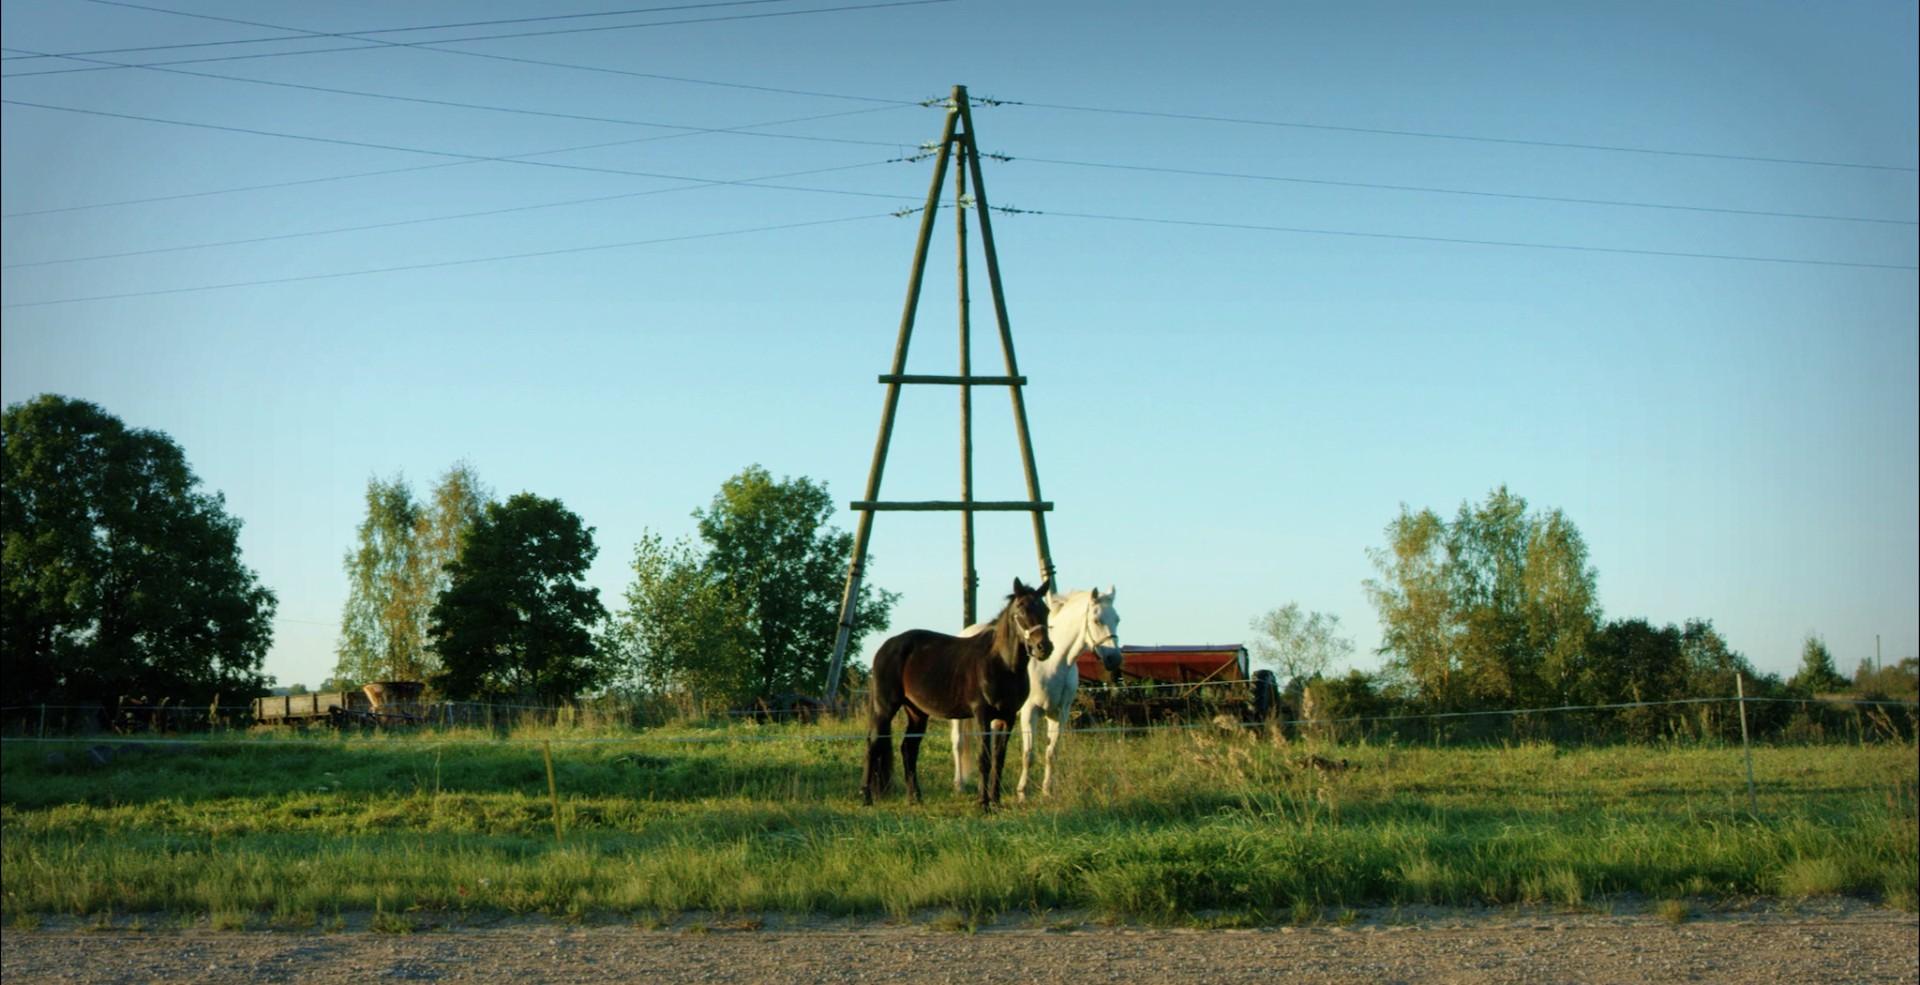 Zirdzin, hallo! (Hello, horse!) (by Laila Pakalnina, 2017)